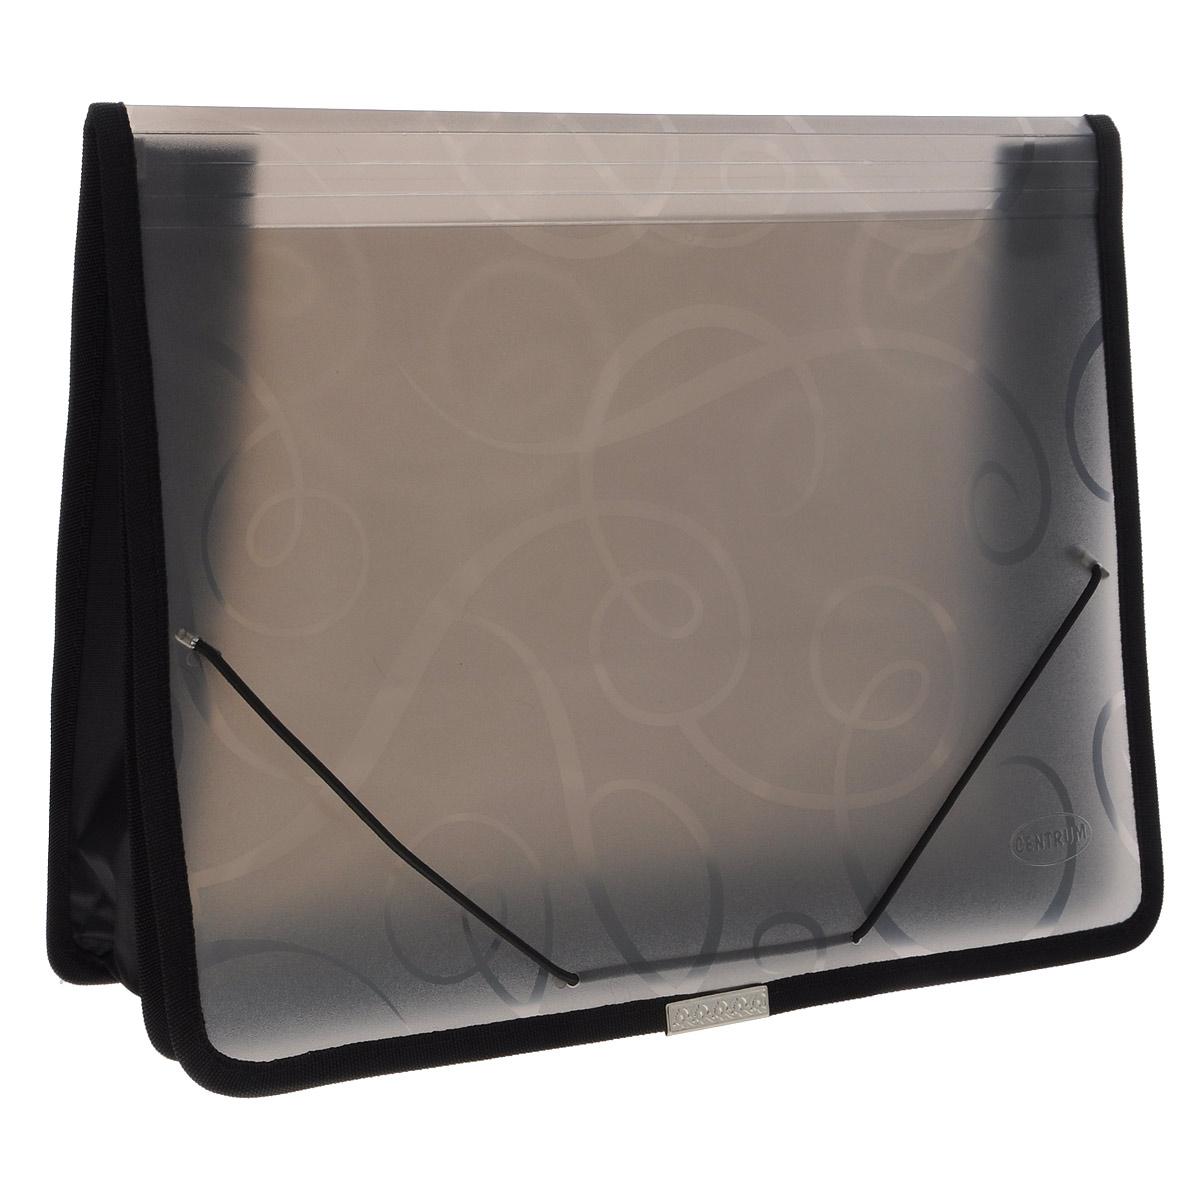 Папка на резинке Centrum, 2 отделения, цвет: черный, формат А4SW-FZHA4-1Папка на резинке Centrum станет вашим верным помощником дома и в офисе. Это удобный и функциональный инструмент, предназначенный для хранения и транспортировки больших объемов рабочих бумаг и документов формата А4.Папка изготовлена из износостойкого высококачественного пластика. Состоит из 2х вместительных отделений и имеется 2 накладных кармашка. Грани папки отделаны полиэстером и металлическим лейблом для дополнительной прочности и сохранности опрятного вида папки.Папка - это незаменимый атрибут для любого студента, школьника или офисного работника. Такая папка надежно сохранит ваши бумаги и сбережет их от повреждений, пыли и влаги.